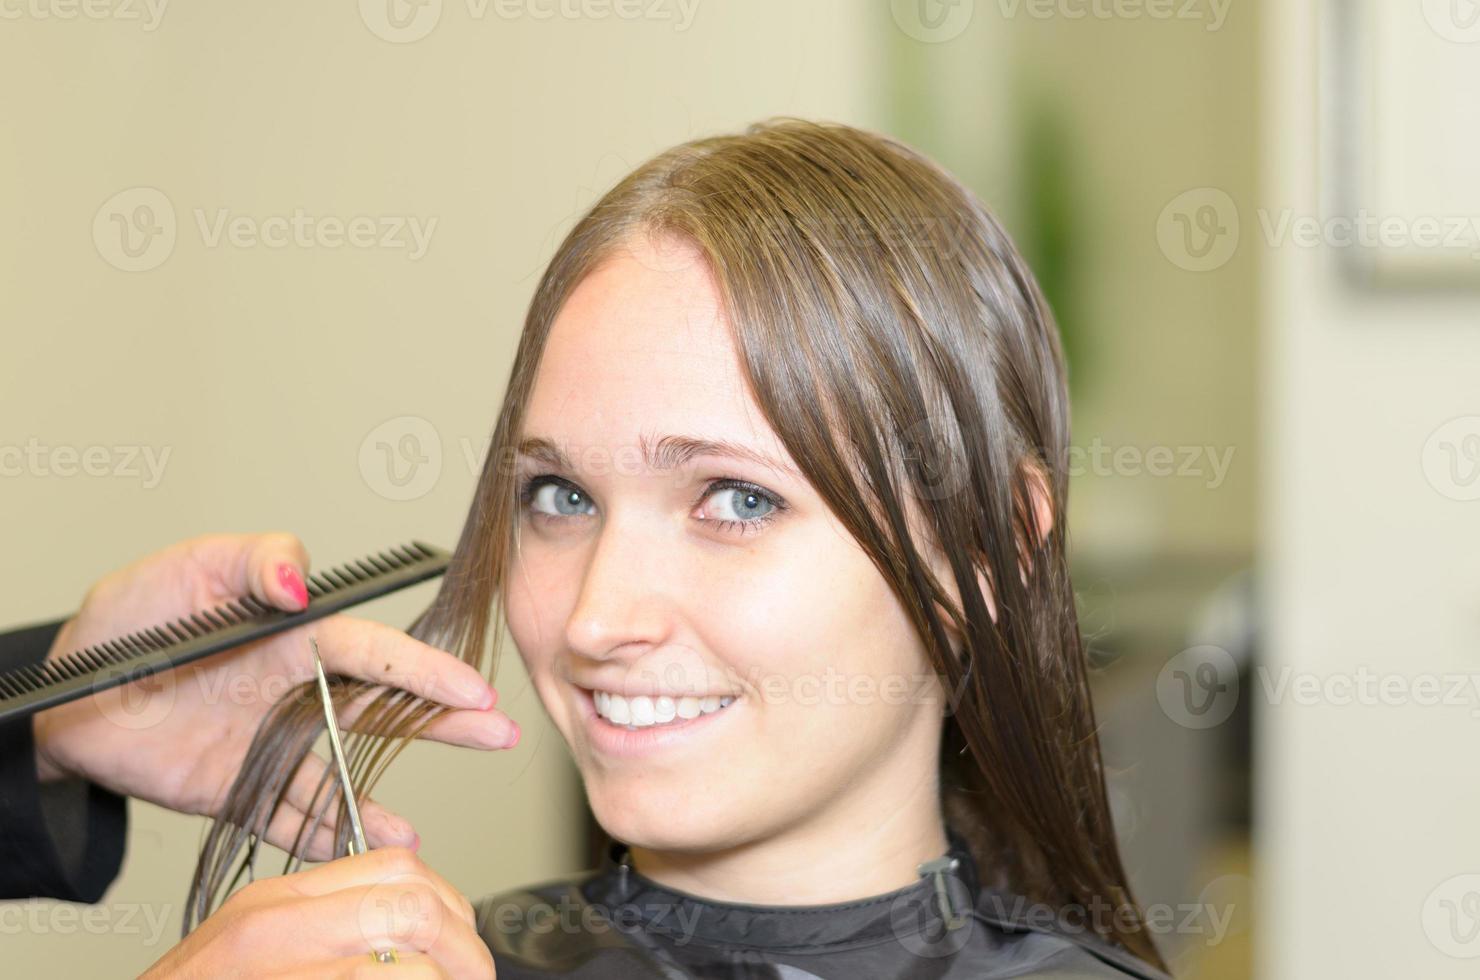 jolie fille à l'intérieur d'un salon souriant à la caméra photo